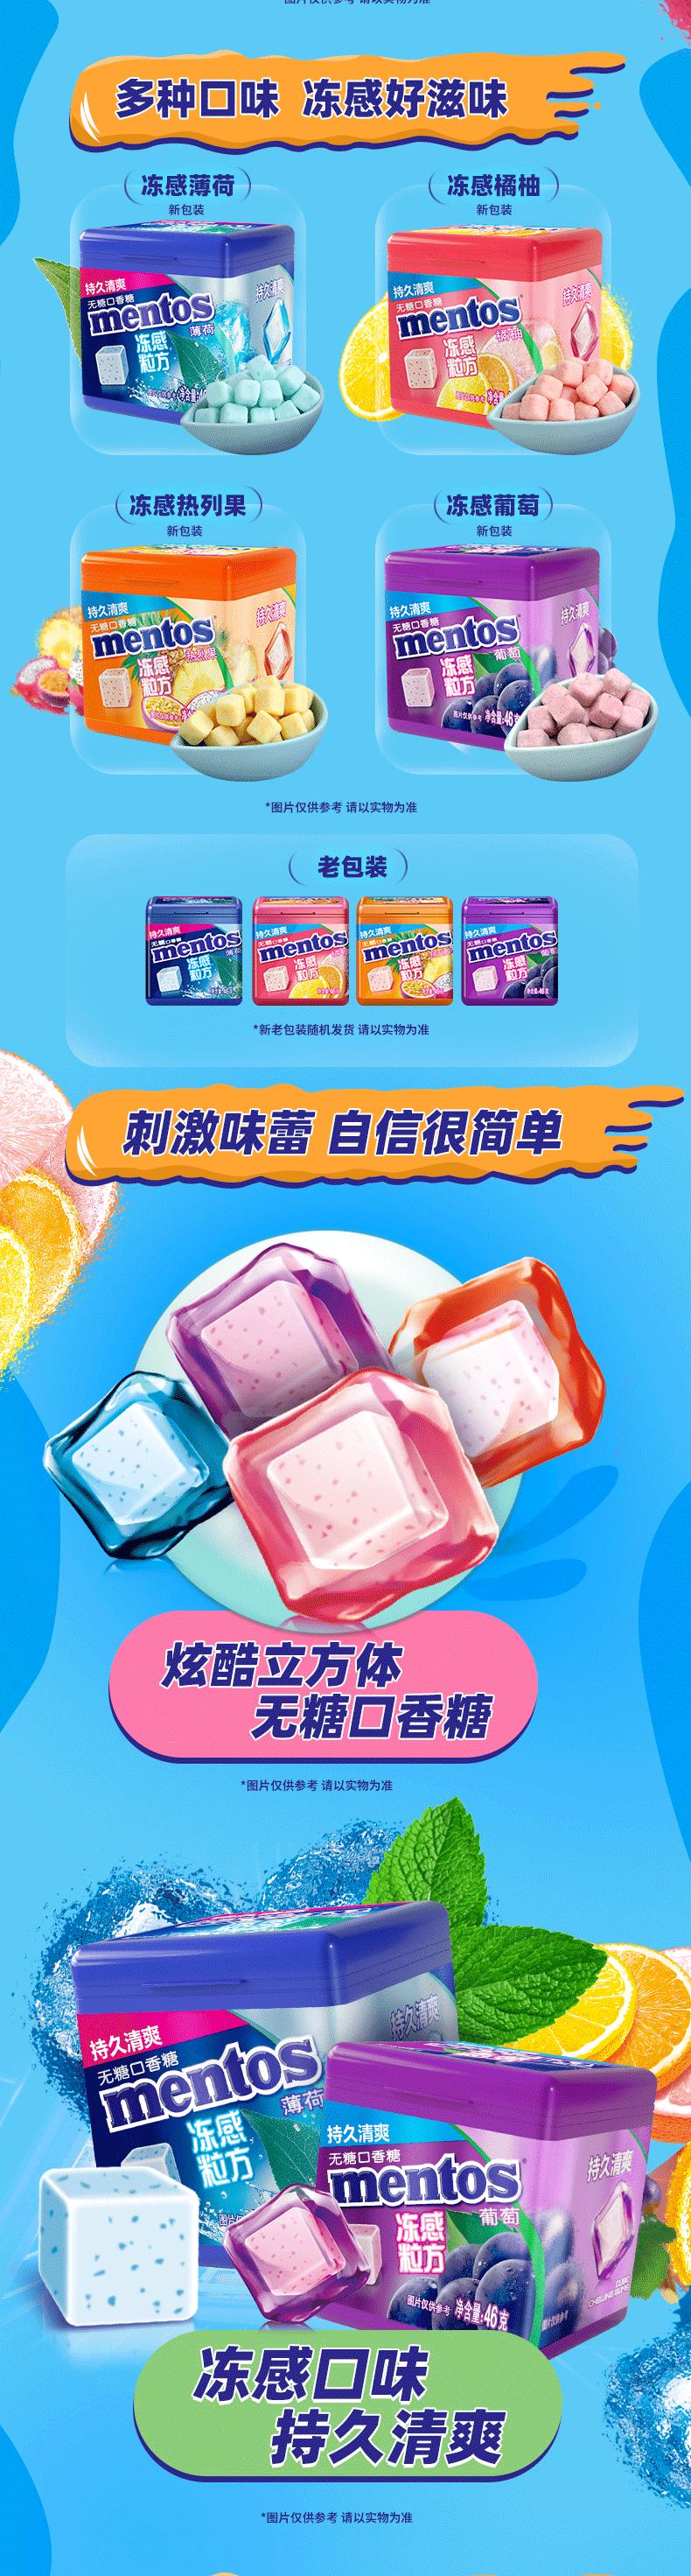 曼妥思冻感粒方无糖口香糖盒装强劲薄荷糖提神清新口气清凉软糖详细照片